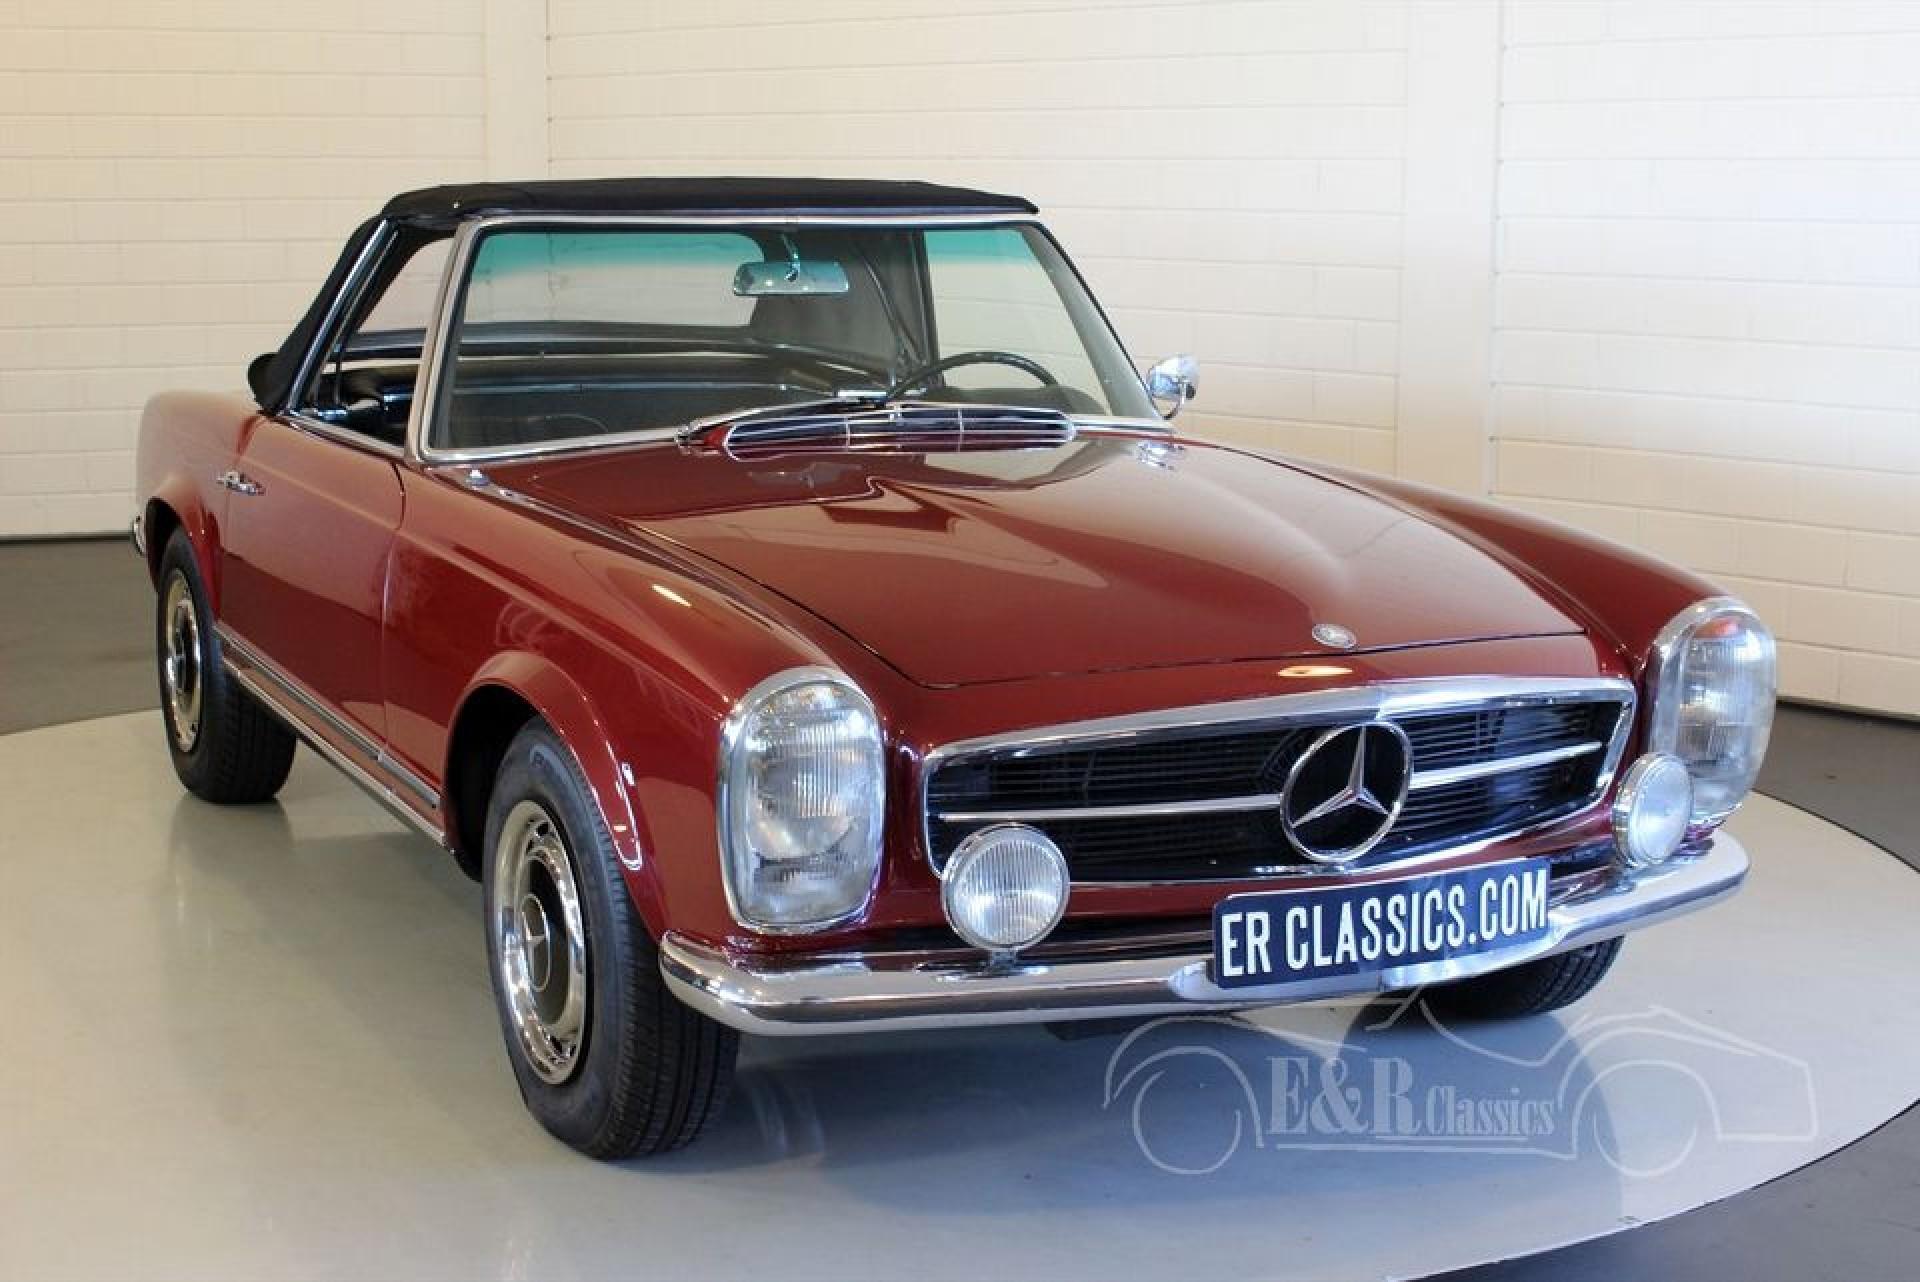 Mercedes benz 250 sl pagode 1967 vendre erclassics for Mercedes benz route 17